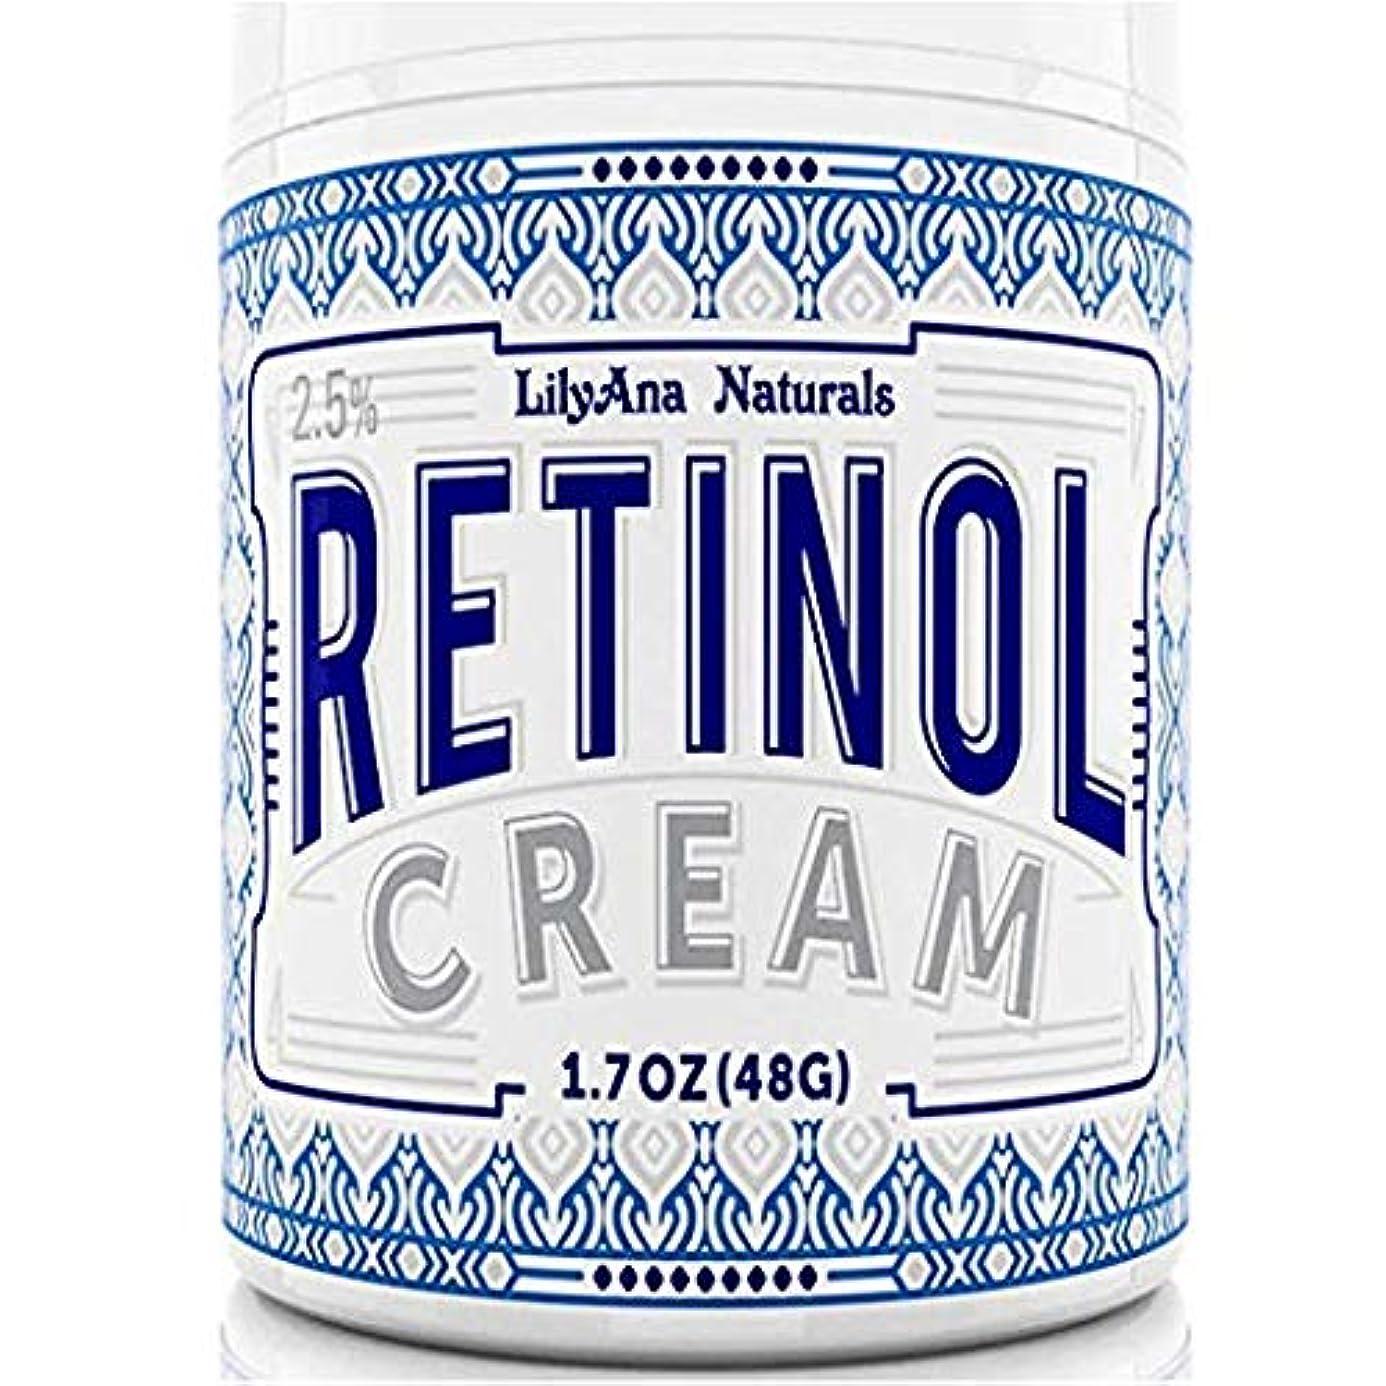 争い許可早くLilyAna 社 の レチノール モイスチャー クリーム LilyAna Naturals Retinol Cream Moisturizer 1.7 Oz